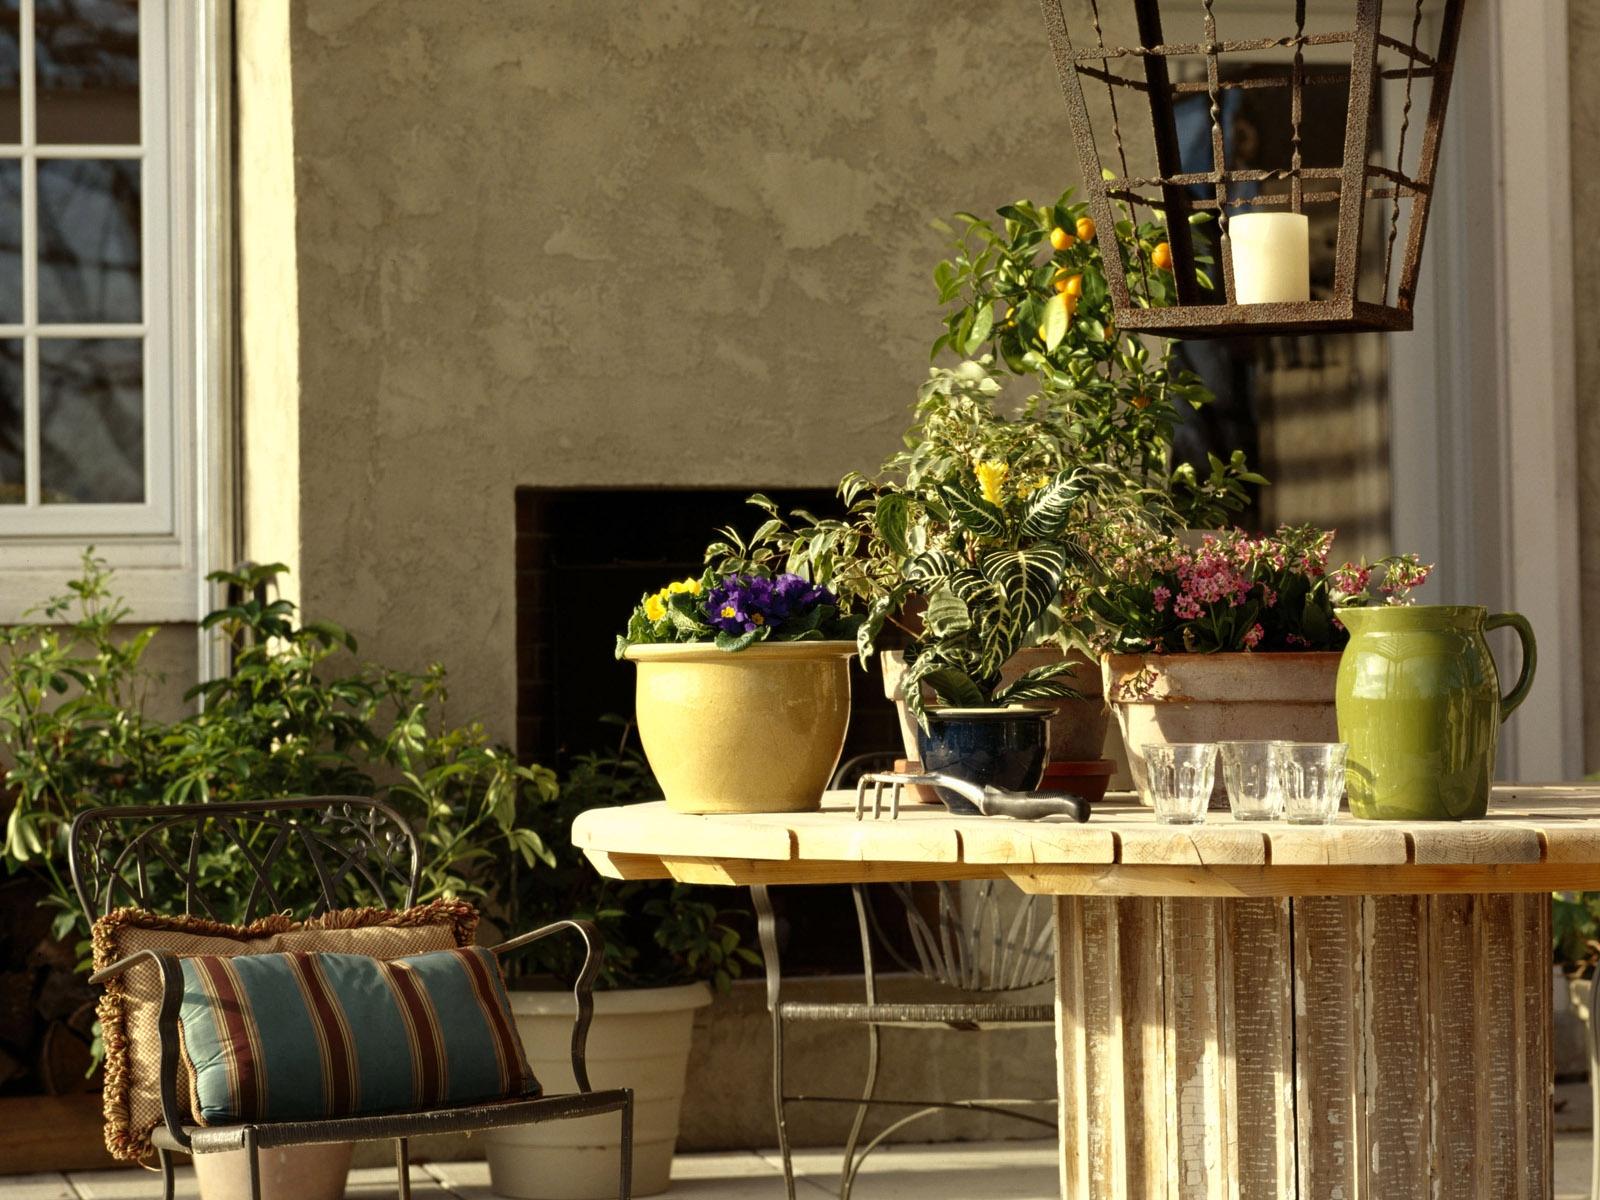 Decorazioni Natalizie Per La Camera sfondi : camera, tavolo, albero di natale, interior design